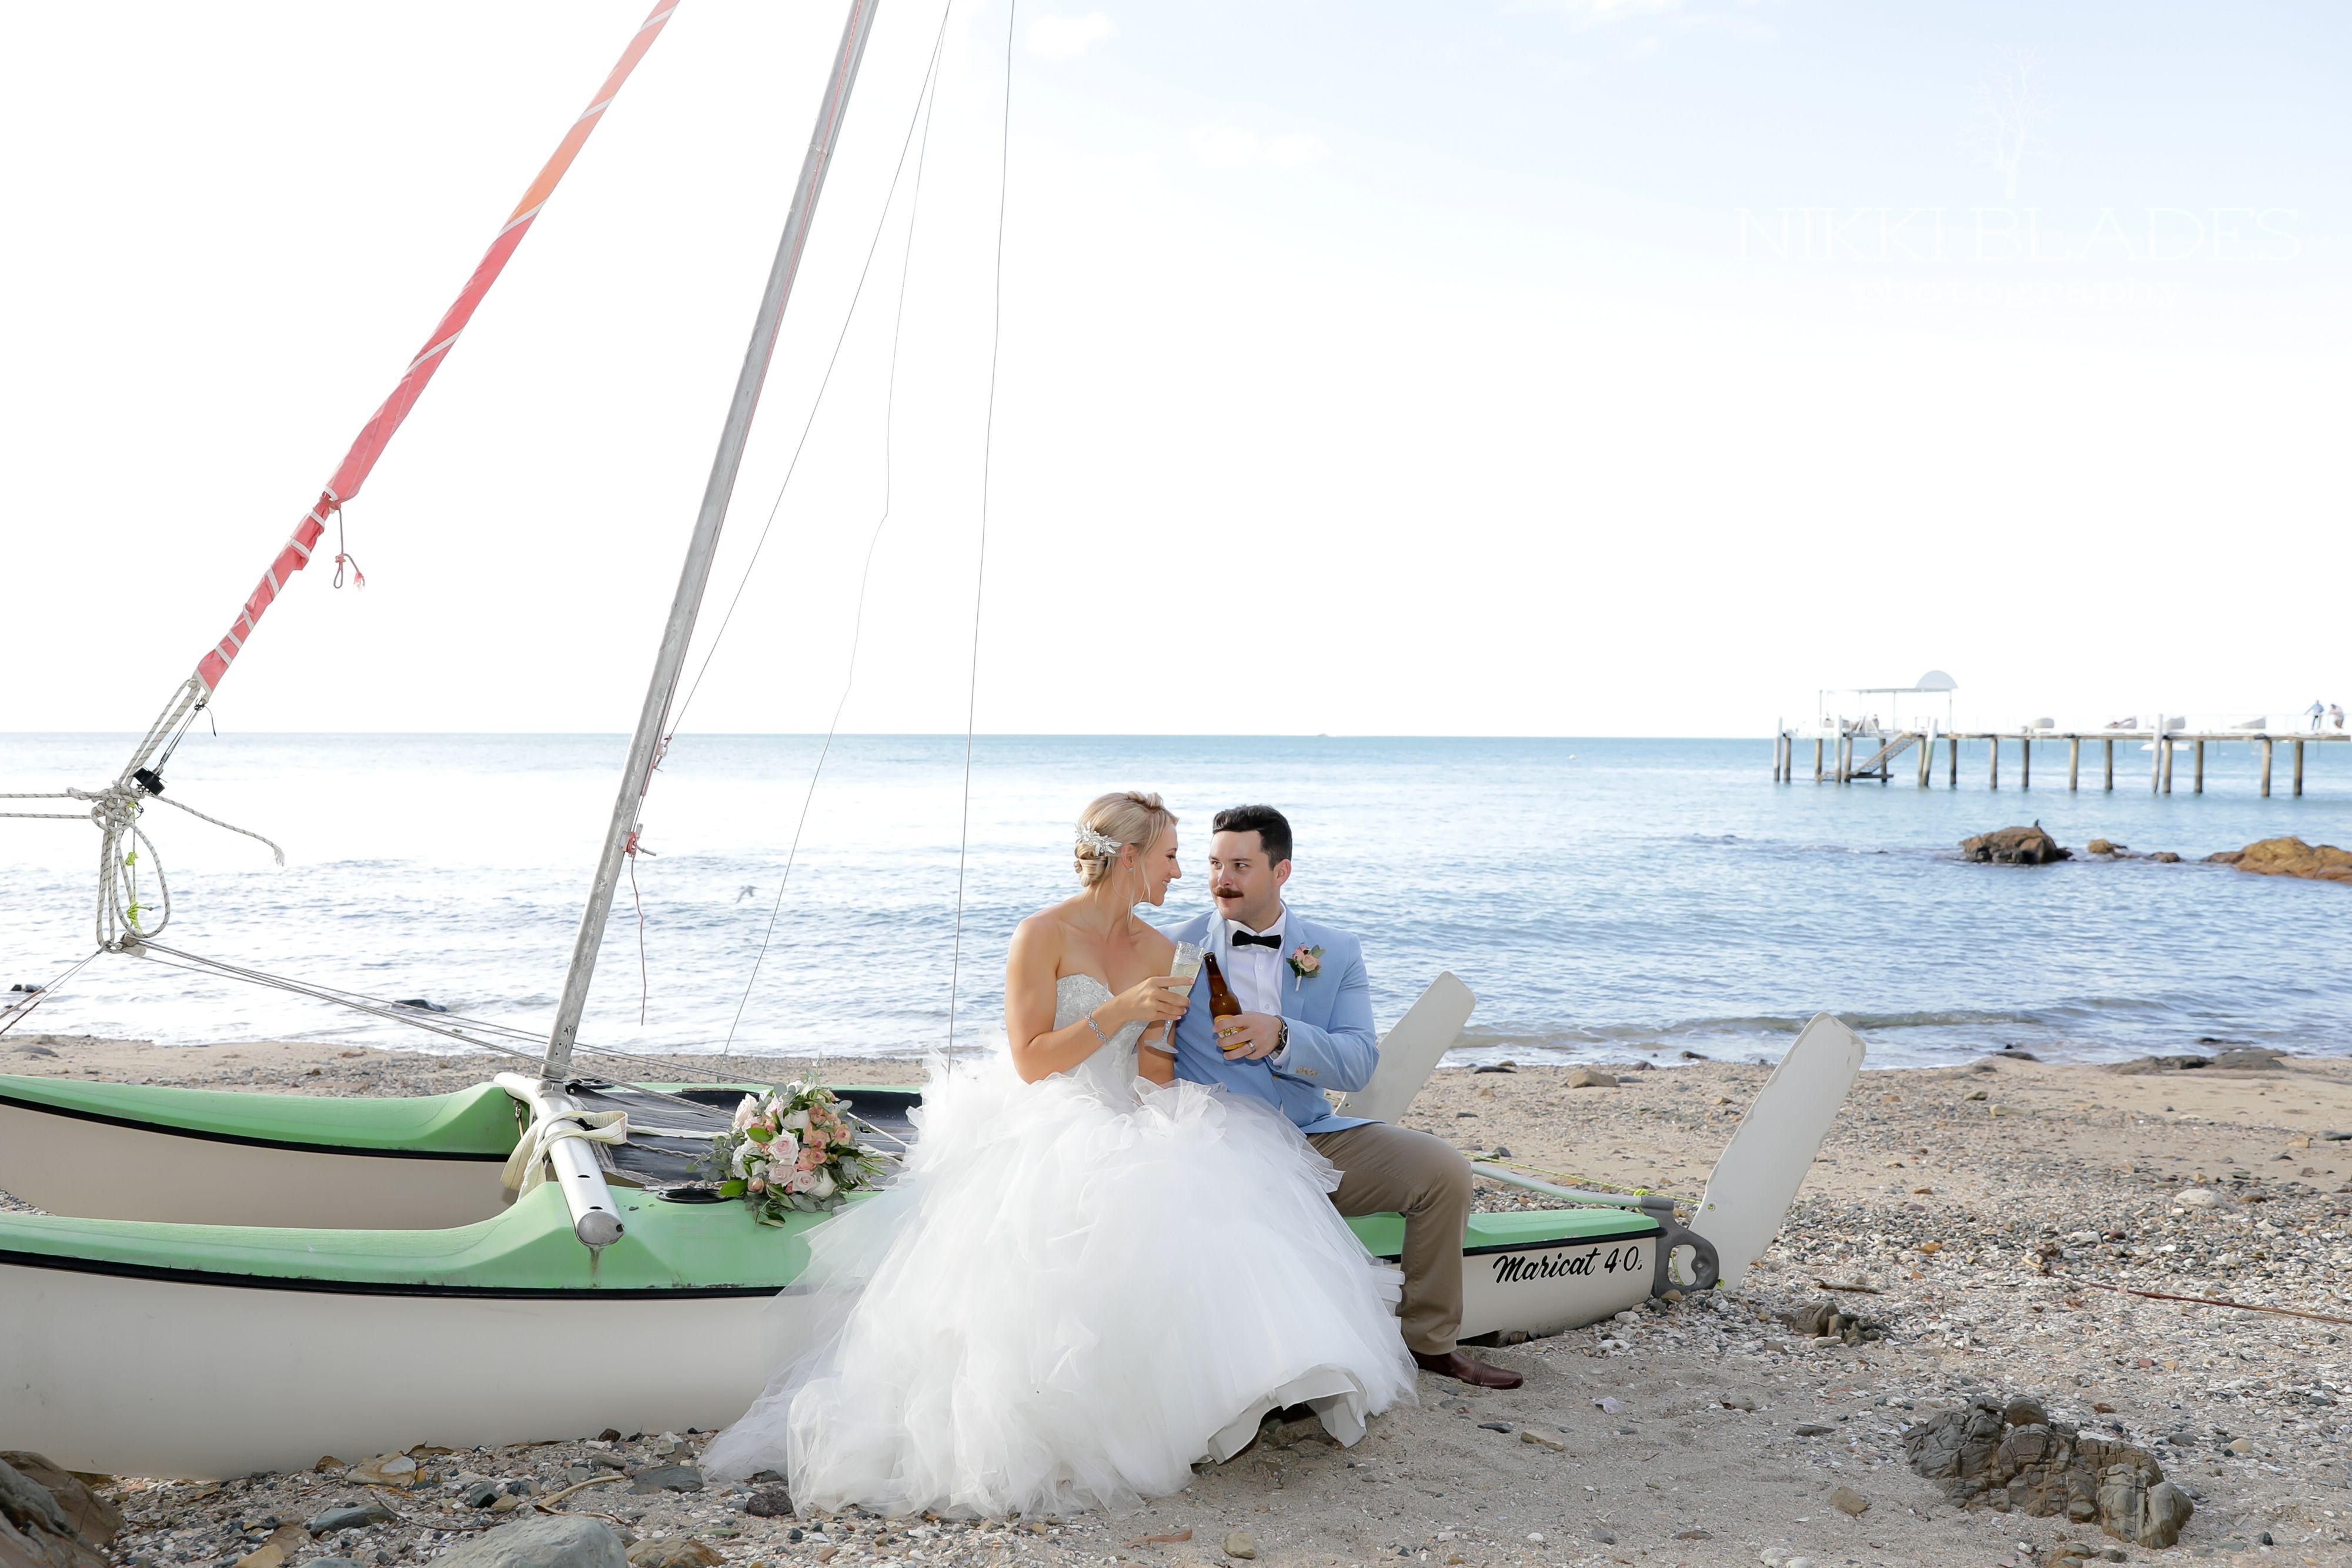 Airlie Beach Wedding Photographer Nikki Blades